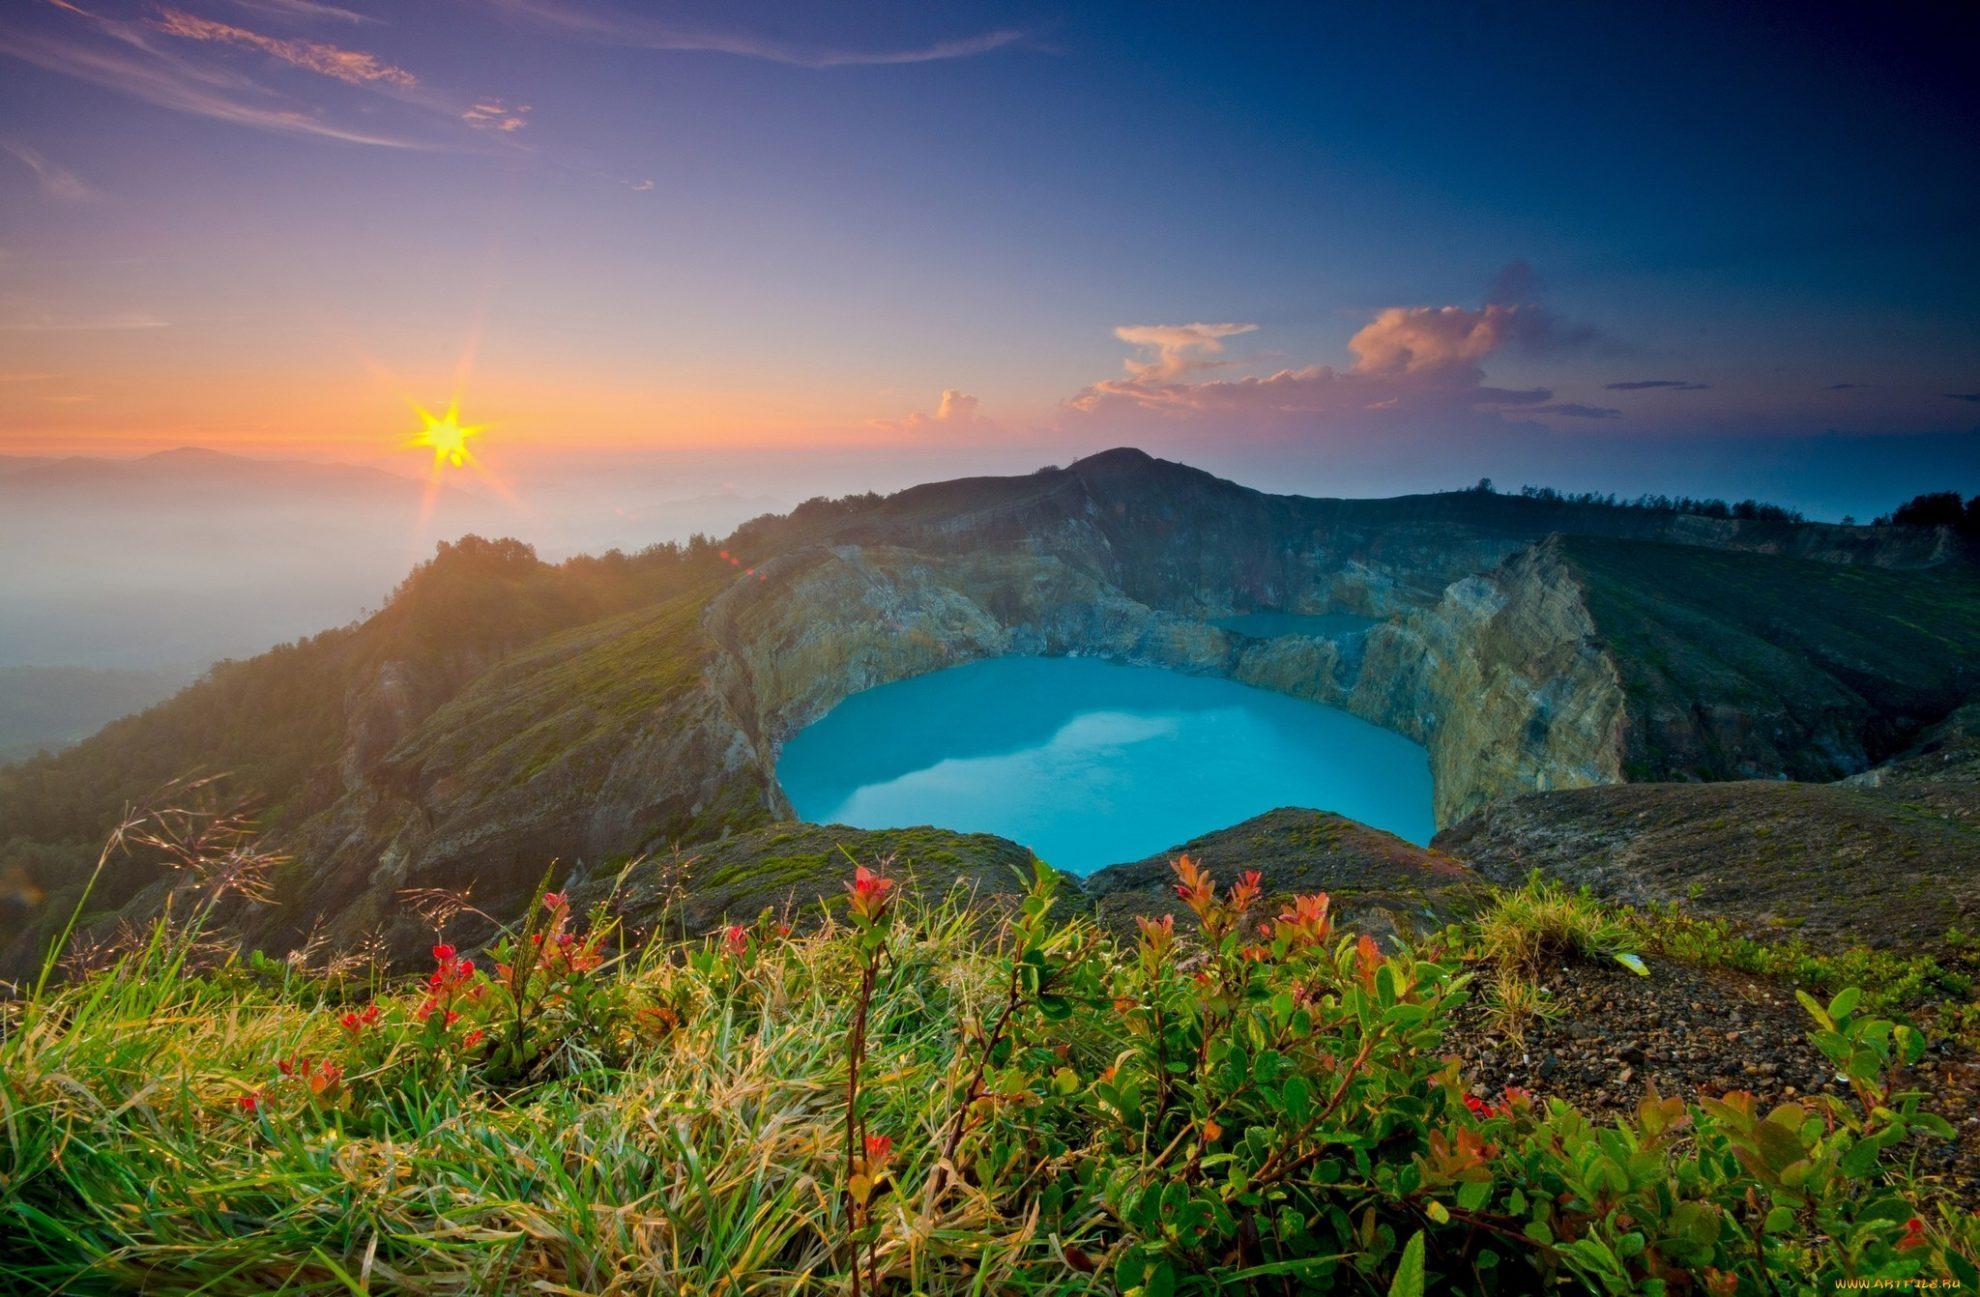 Закат на цветных озерах вулкана Келимуту. Индонезия.